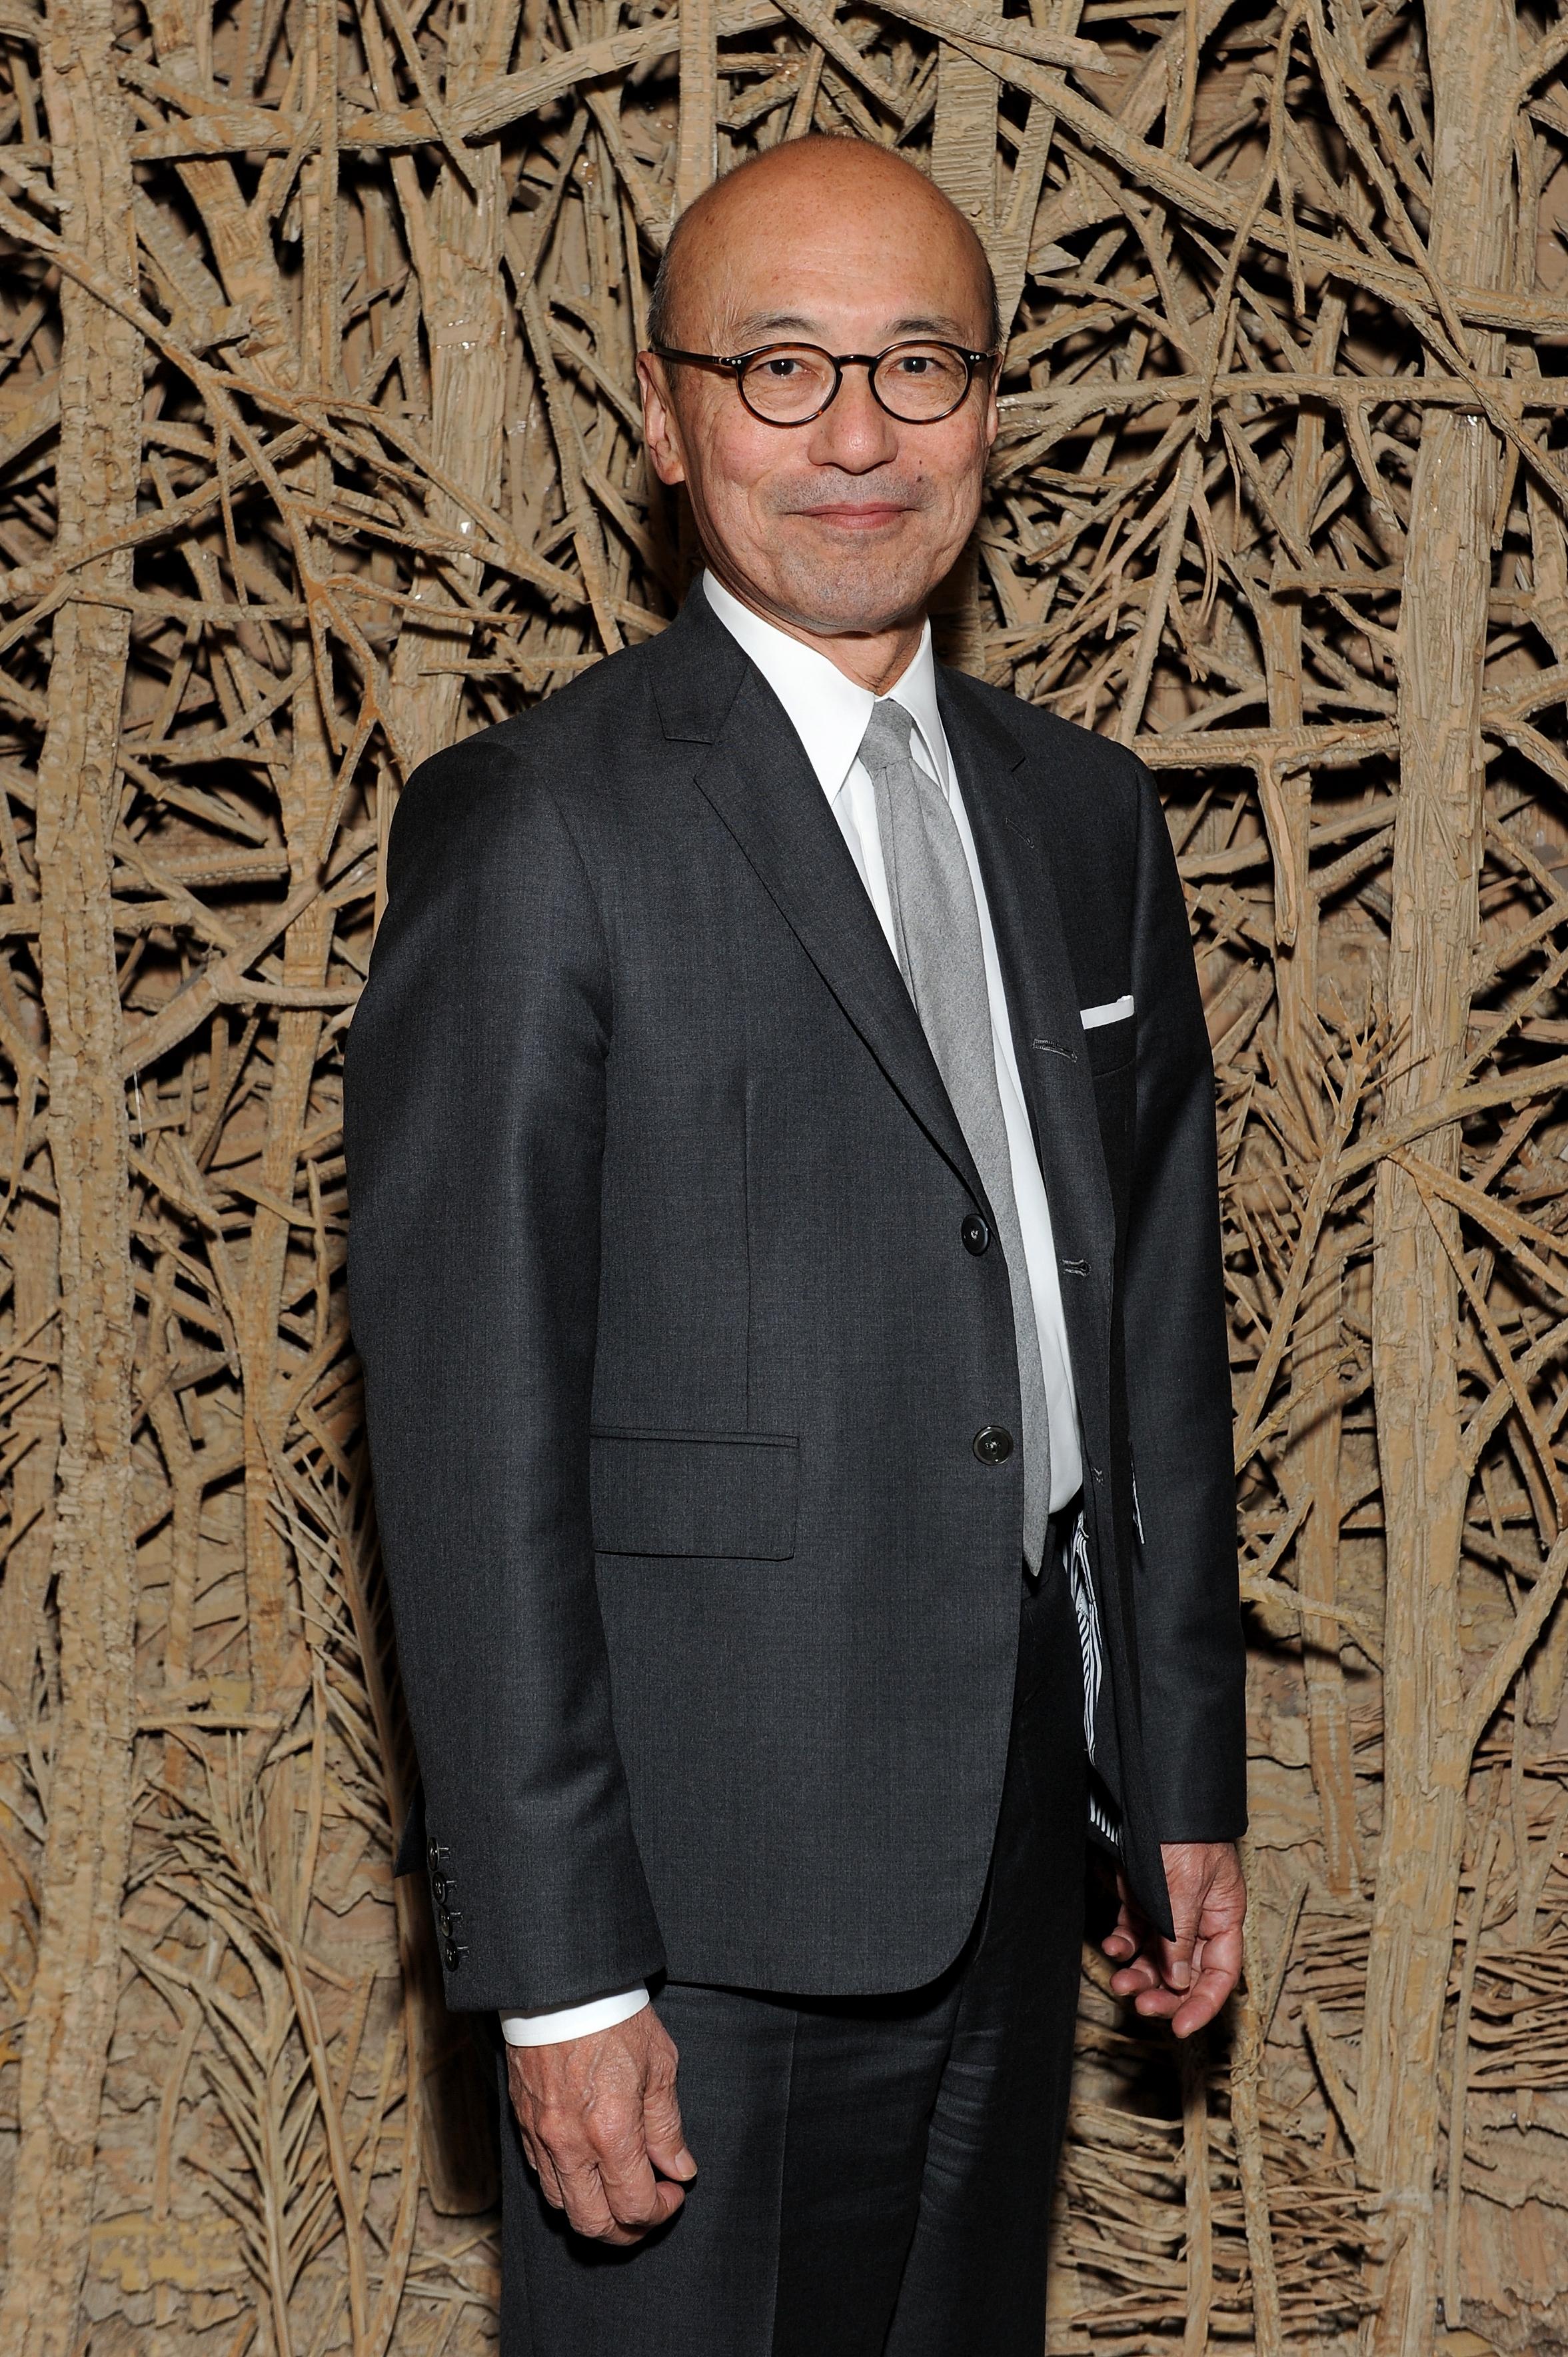 Harold Koda retiring from MET Costume Institute